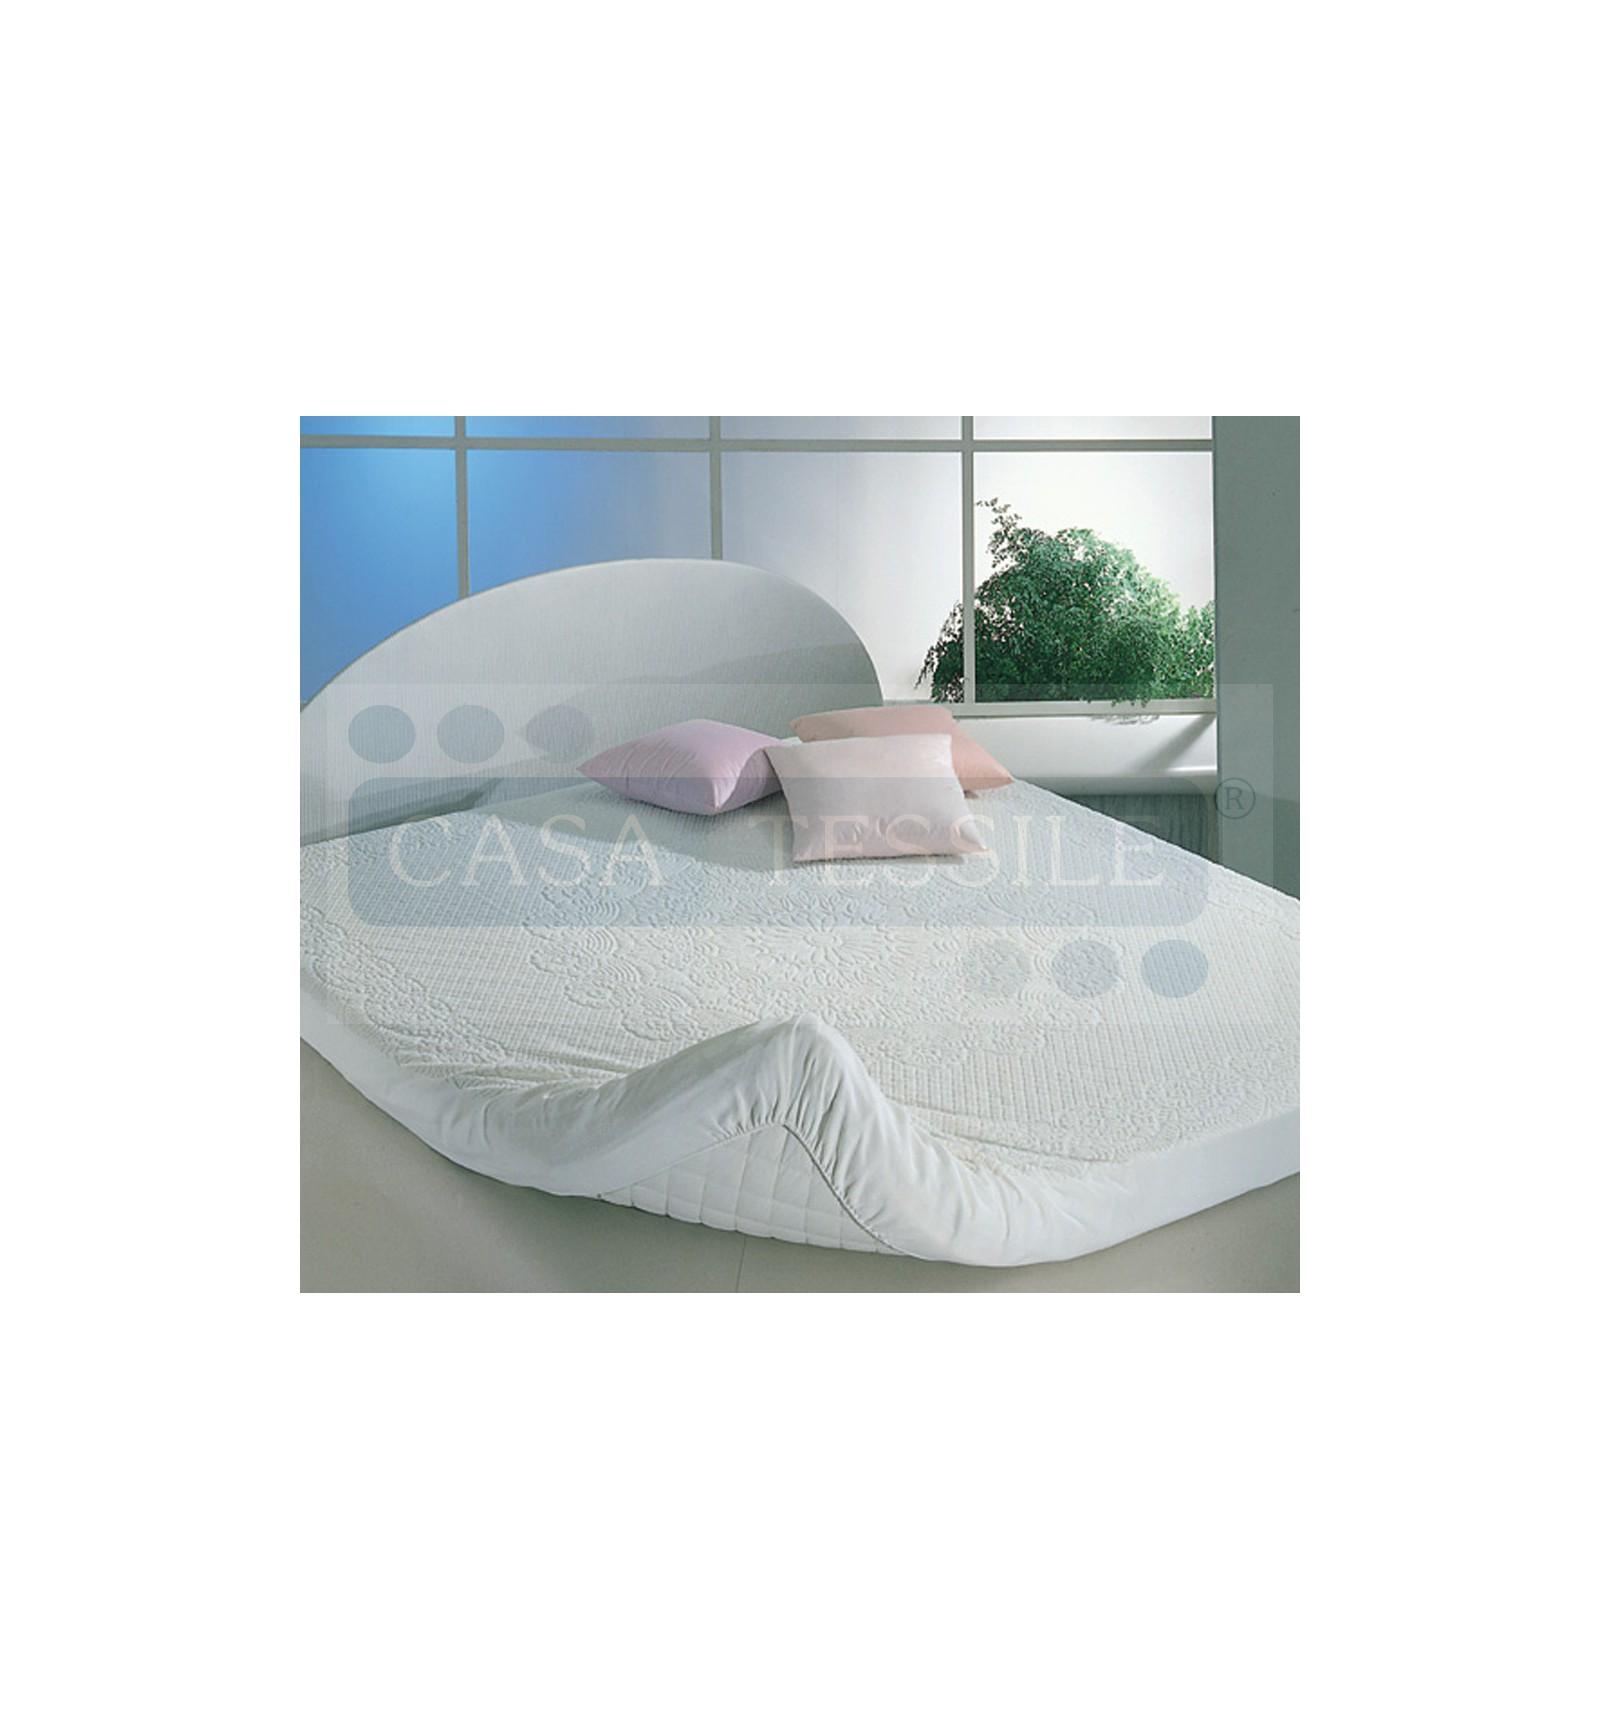 Traversa copri materasso in spugna 1 piazza e mezza letto cm 125x200 casa tessile - Misure letto 1 piazza e mezza ...